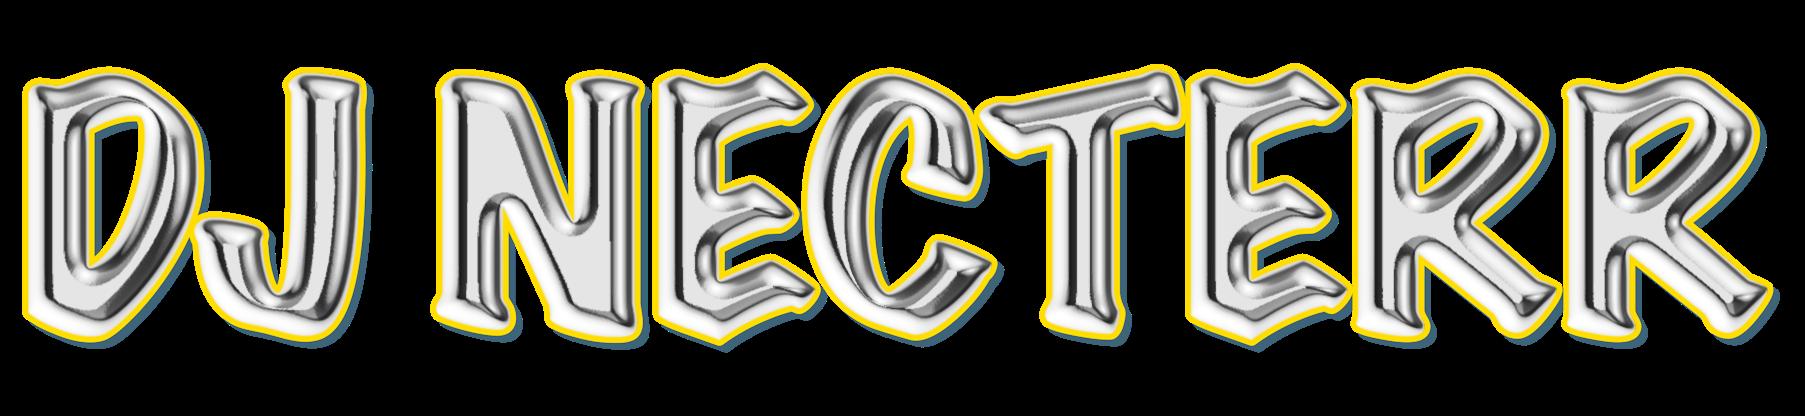 DJ Necterr Name